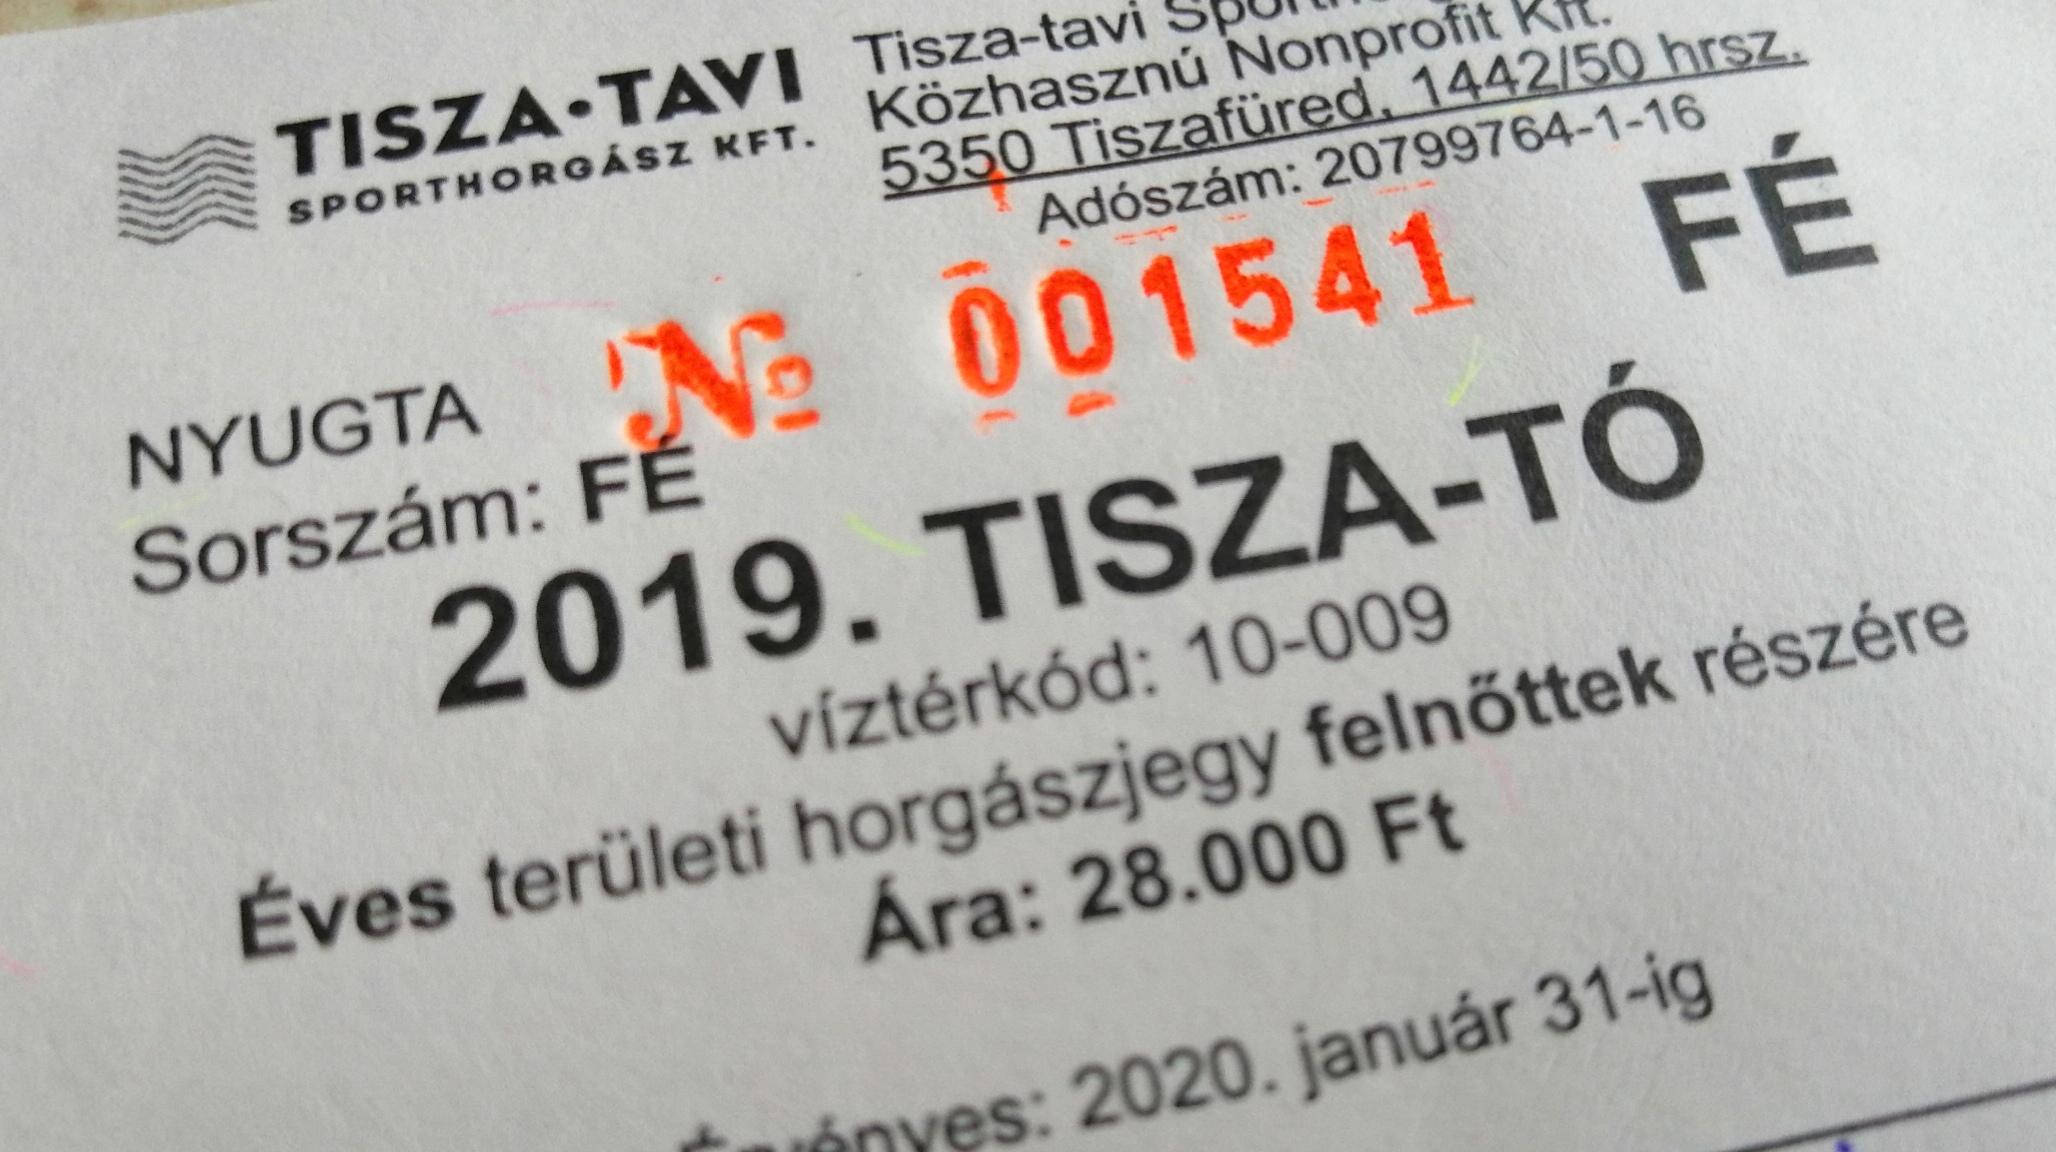 Megérkeztek üzletünkbe a Tisza tavi jegyek